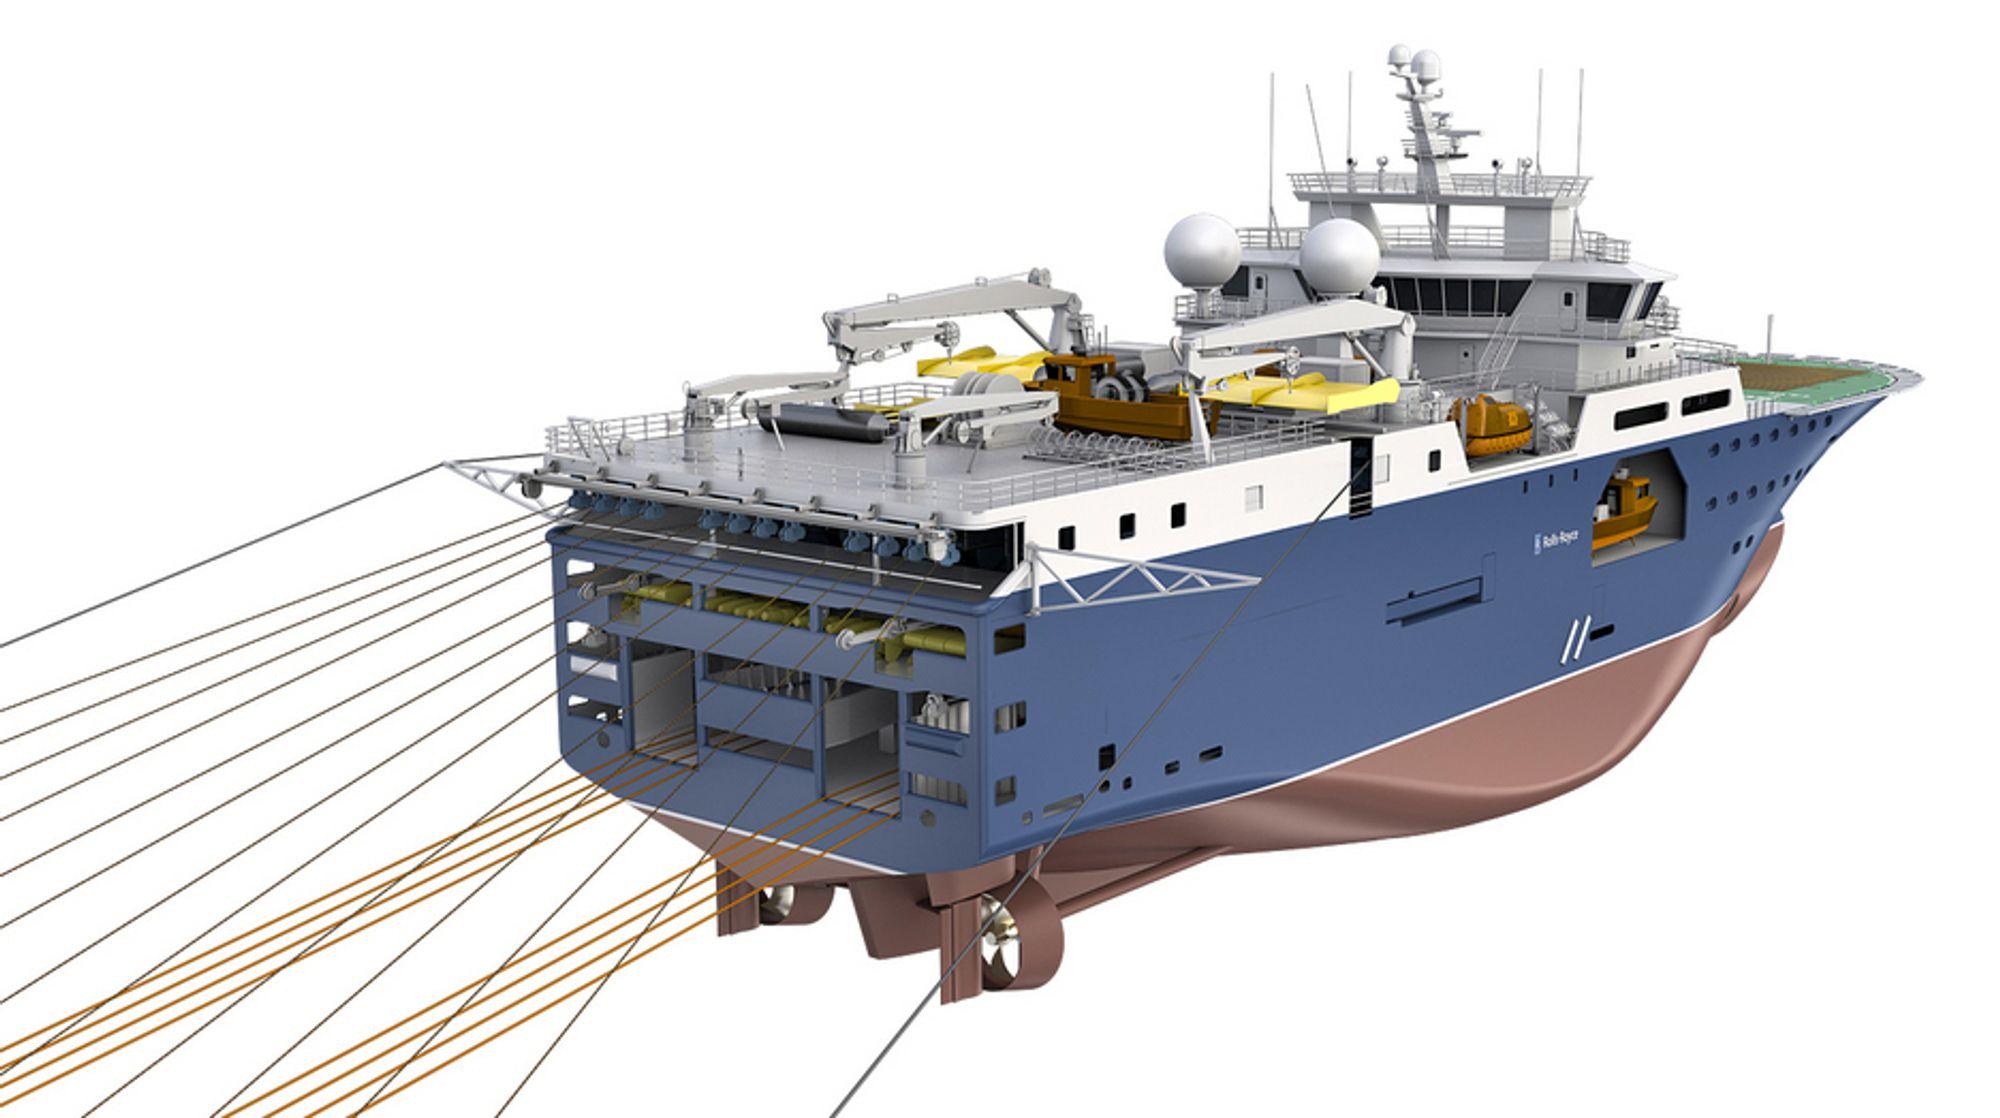 KINALYTTING: Sinopec bestiller seismikkskip med Rolls-Royce-design UT 830 CD. Det blir 100 meter langt og 24 meter bredt. Det kan trekke 12 - 14 lyttekabler.